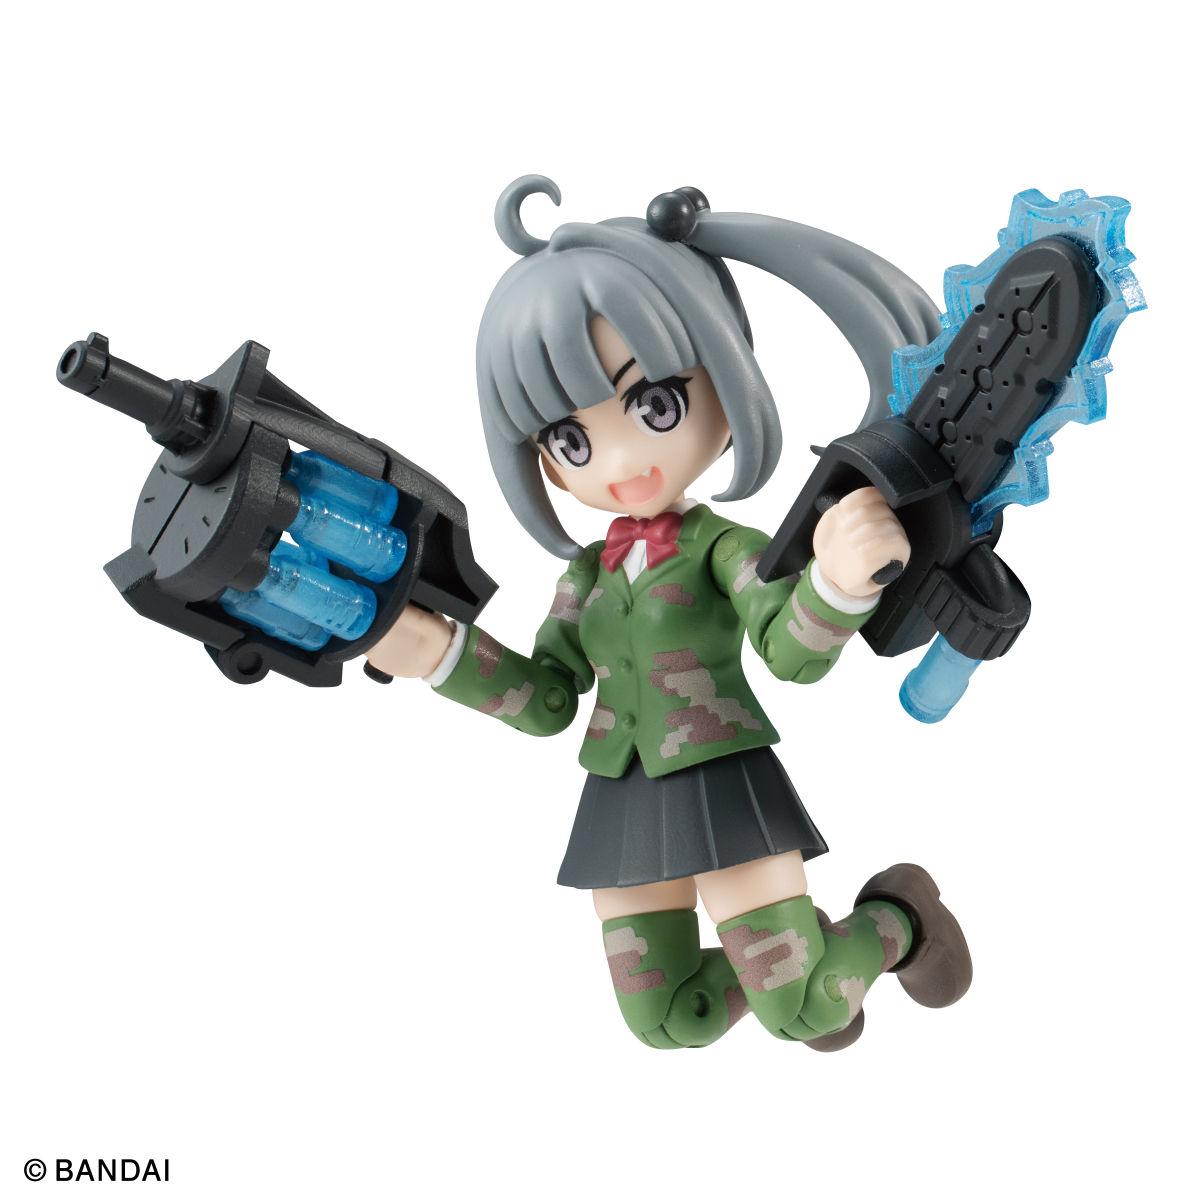 【限定販売】ガシャポン『AQUA SHOOTERS! 泉かのん』デフォルメ可動フィギュア-002